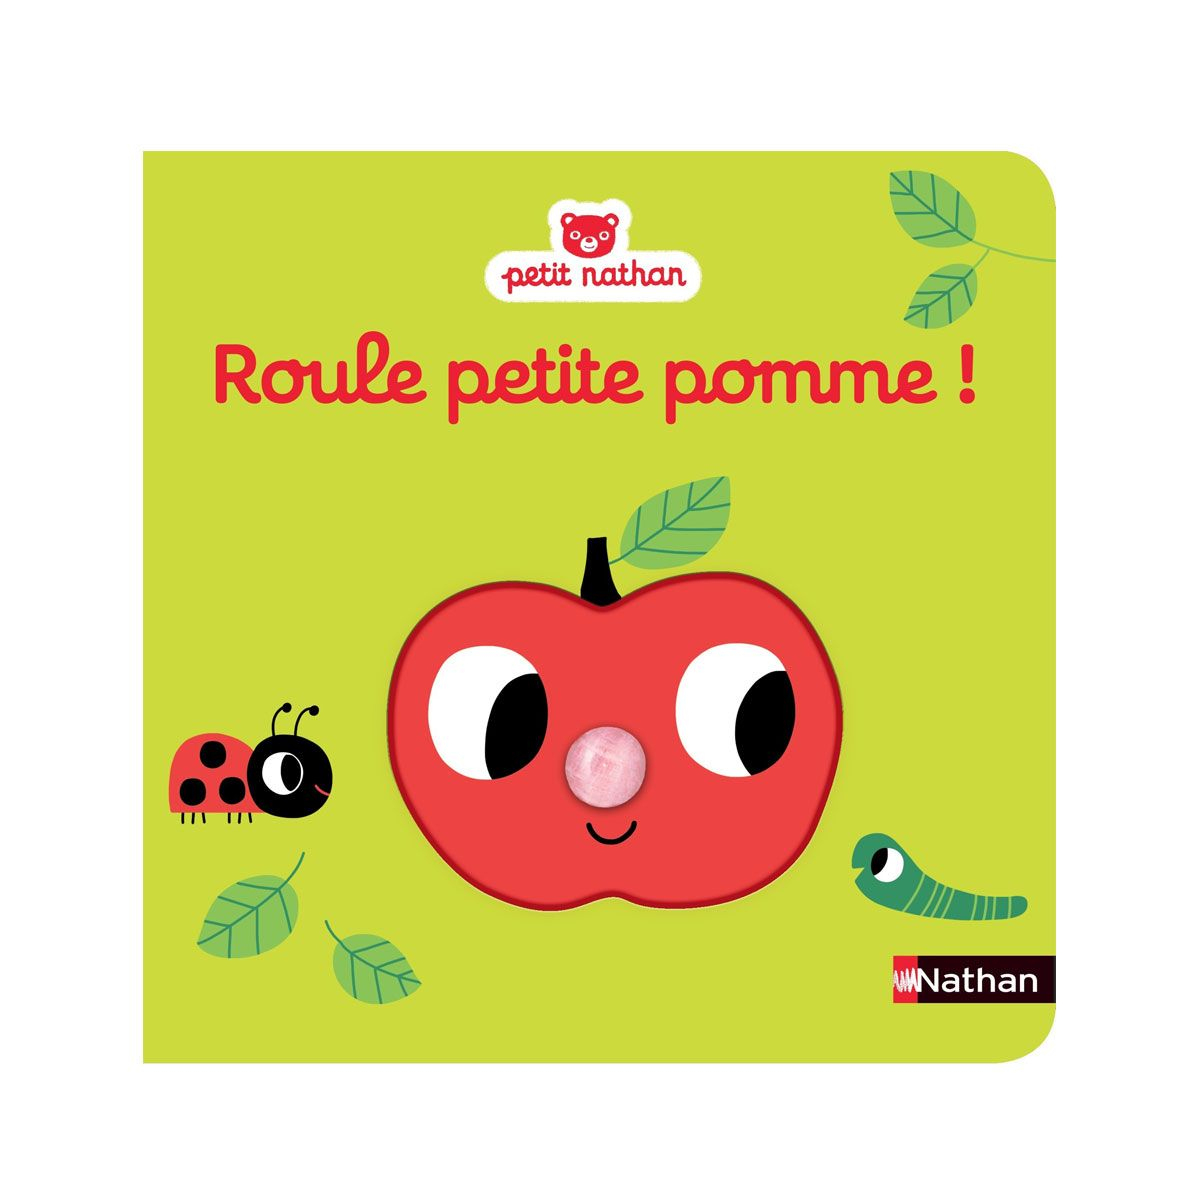 Livre Roule Petite Pomme Pour Enfant De 6 Mois À 2 Ans pour Jeux 2 Ans En Ligne Gratuit